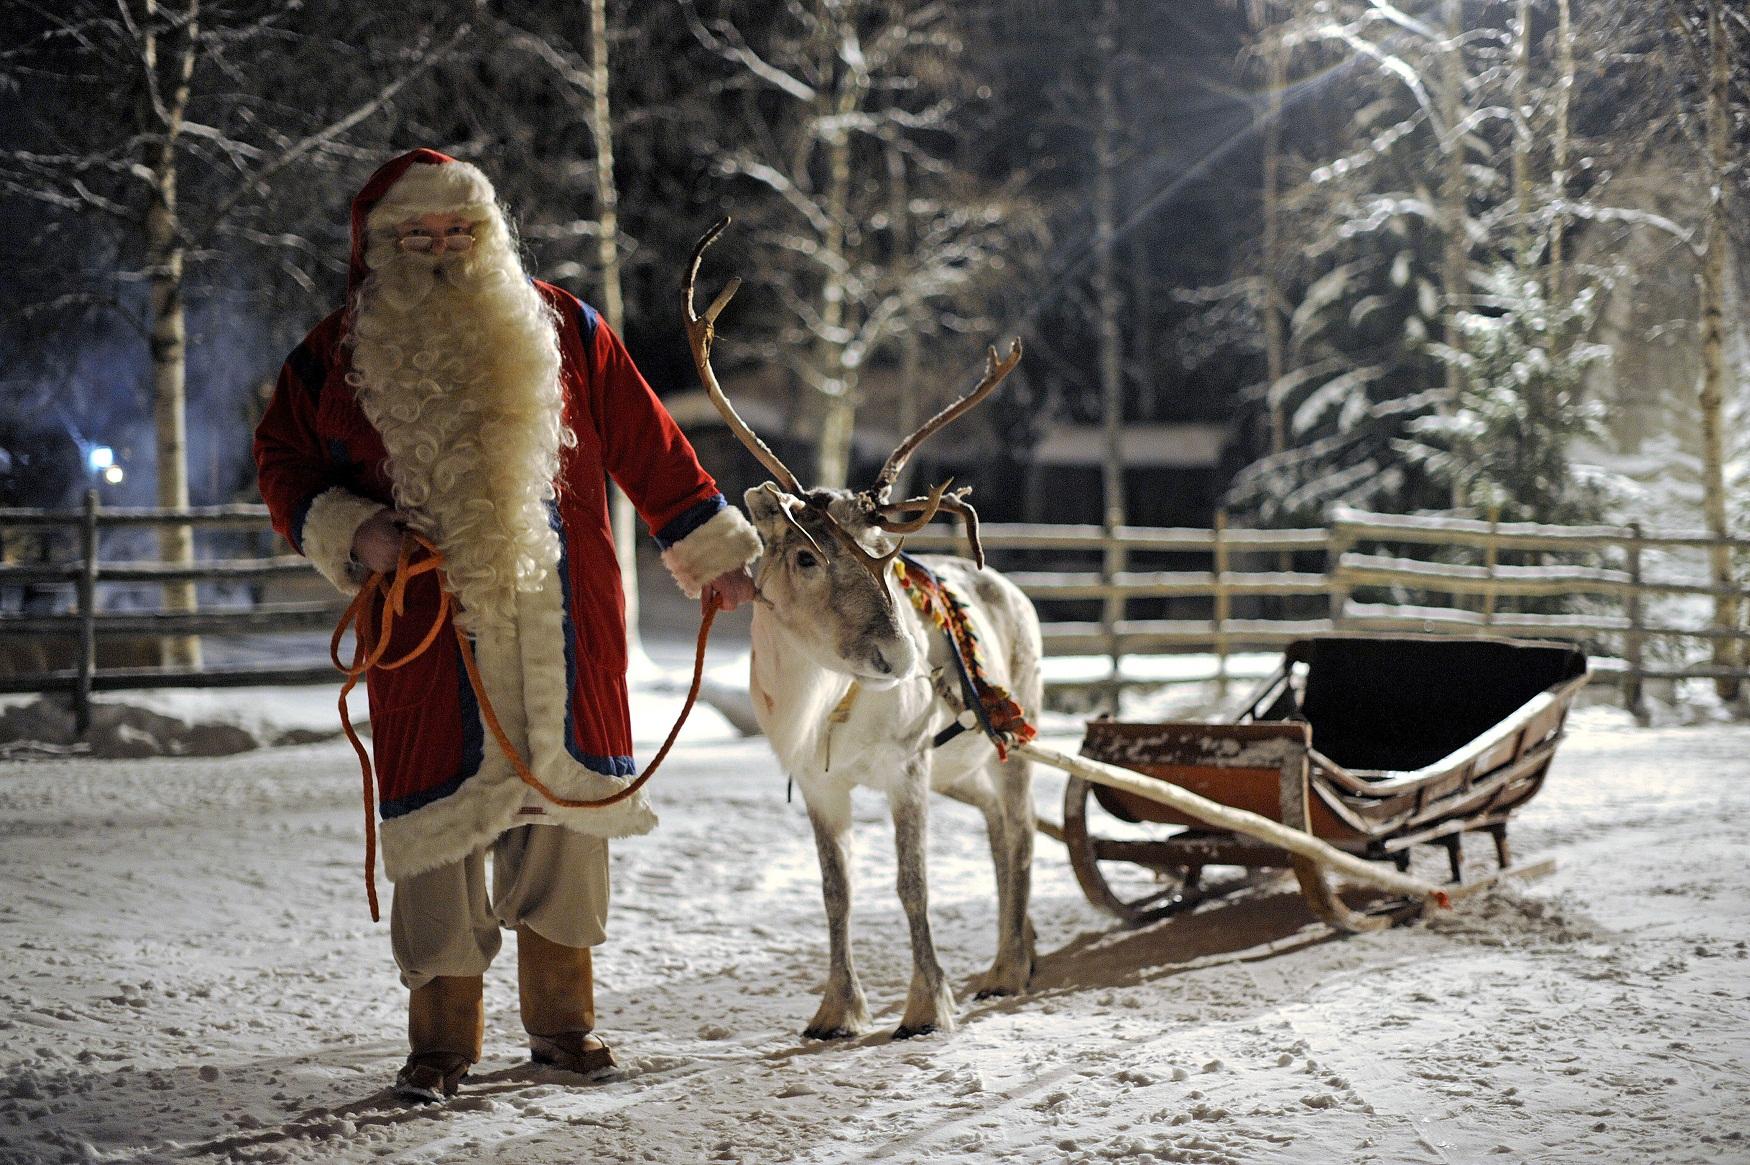 Santa Claus And His Reindeer Real Santa claus prepars his